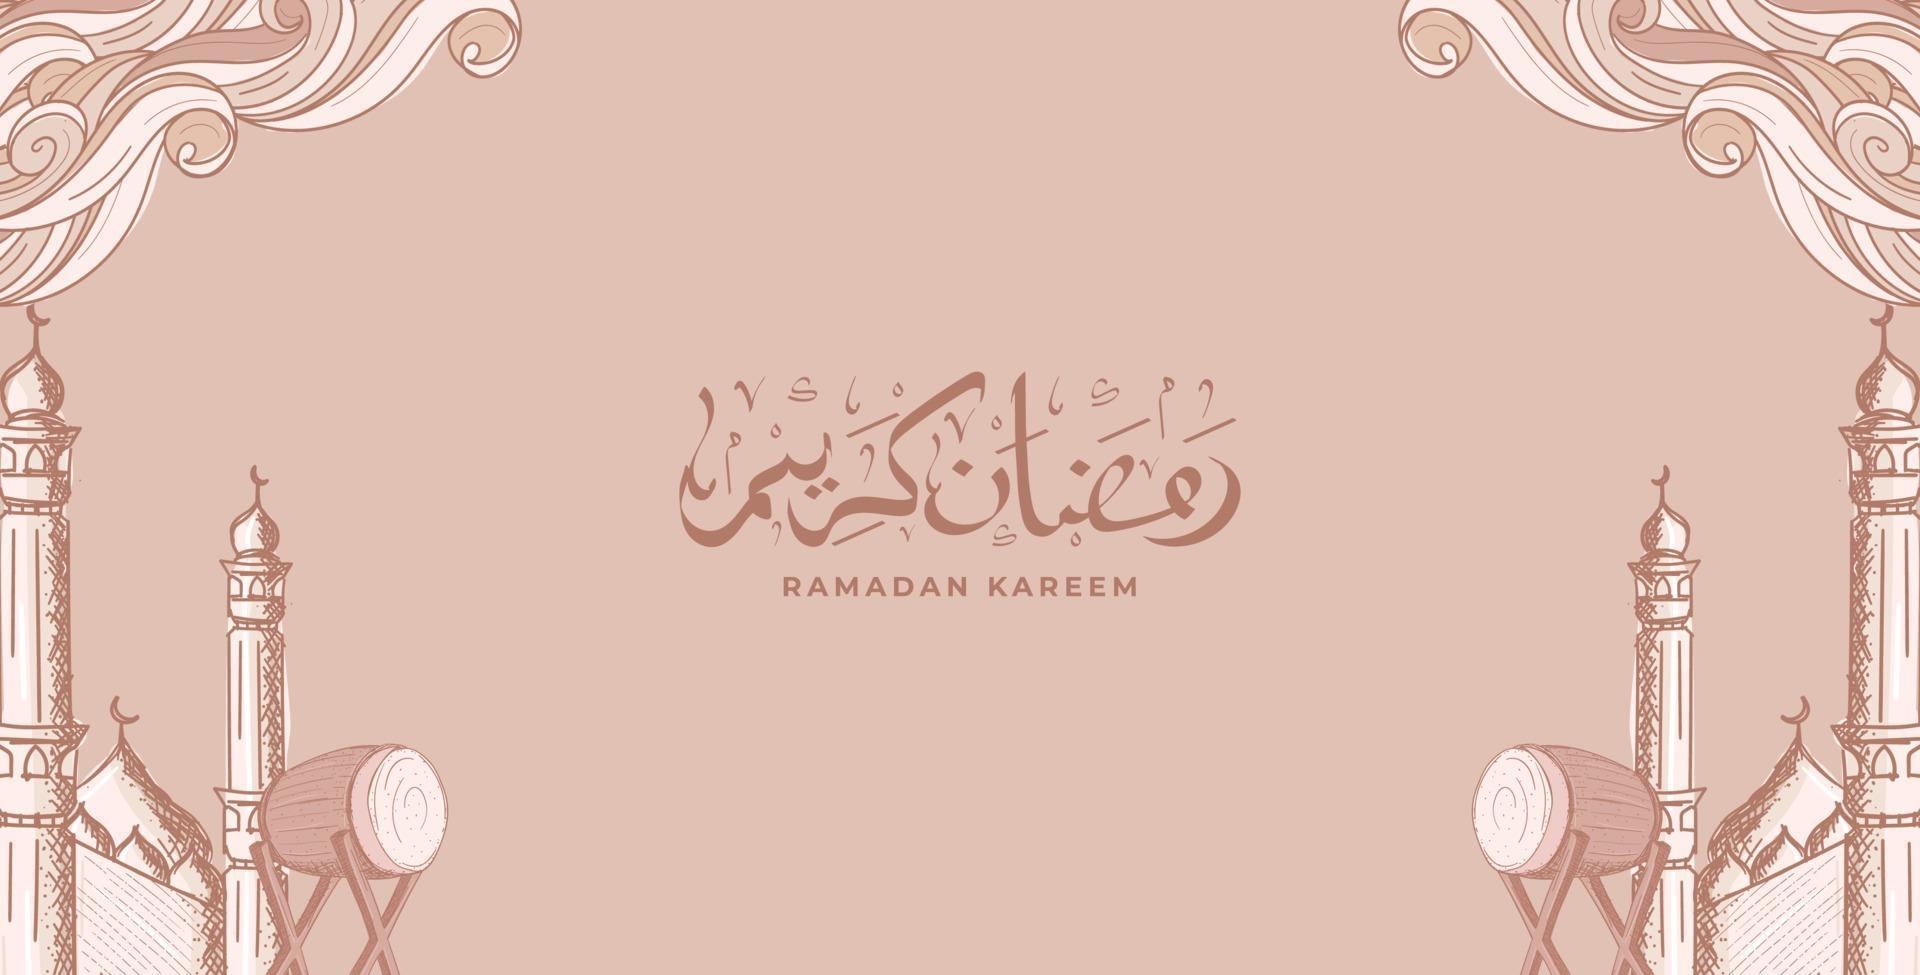 Ramadan Kareem con sfondo di illustrazione ornamento islamico disegnato a mano vettore